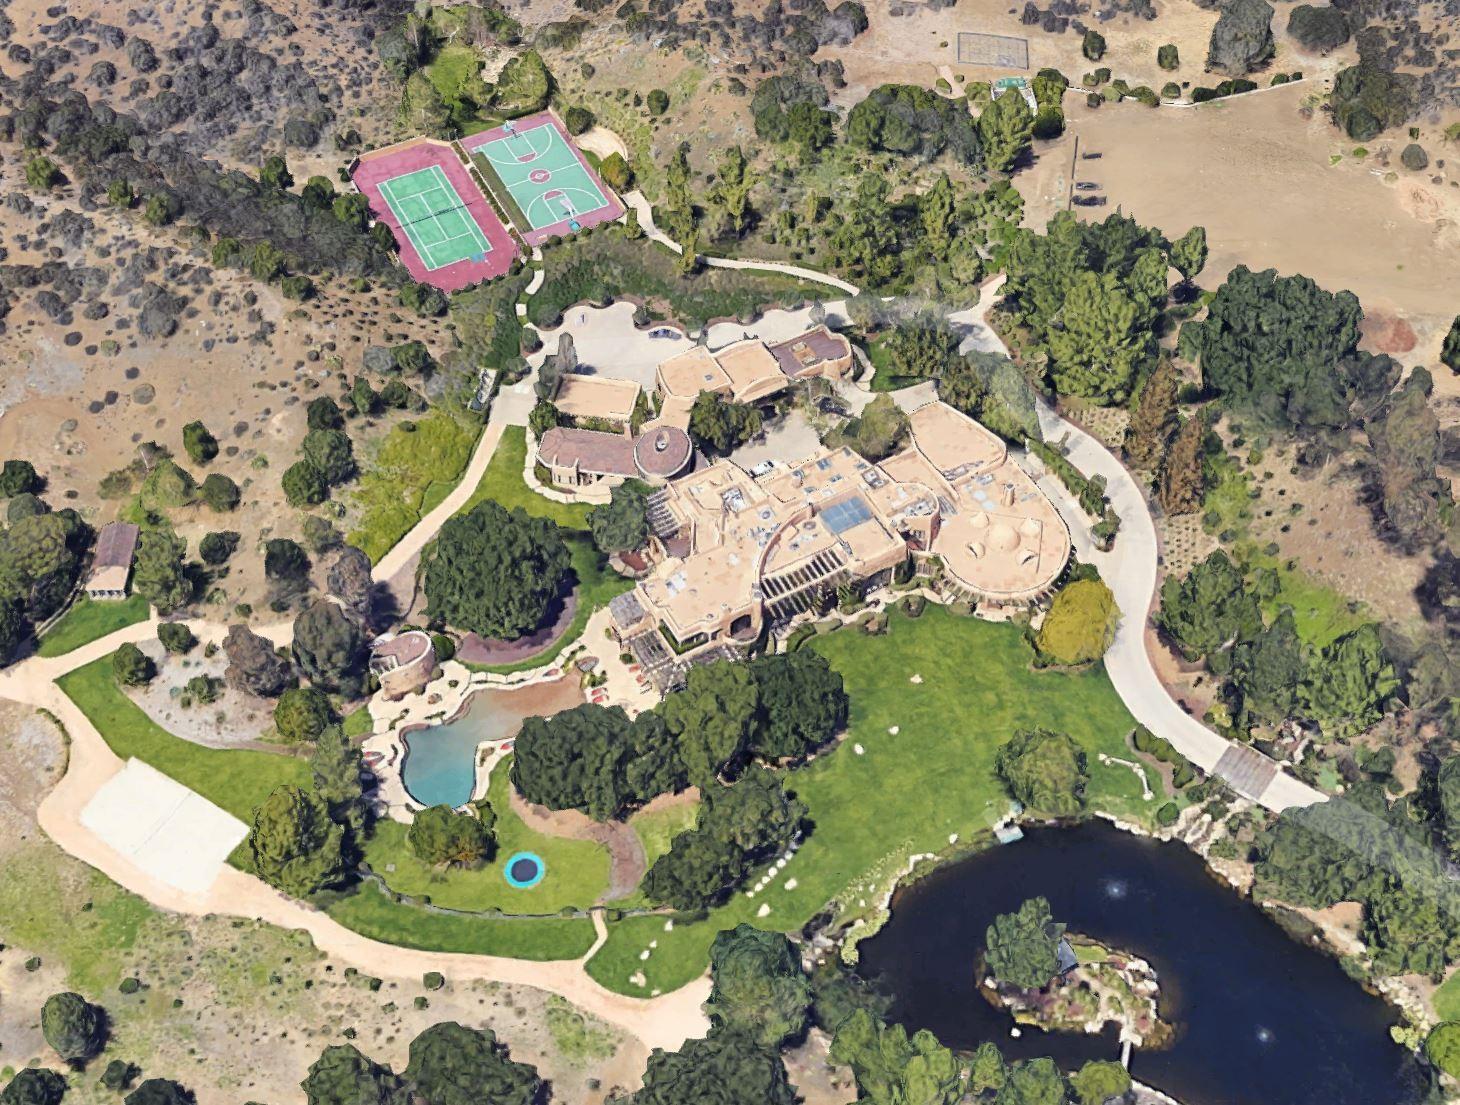 Will Smith and Jada Pinkett-Smith's House